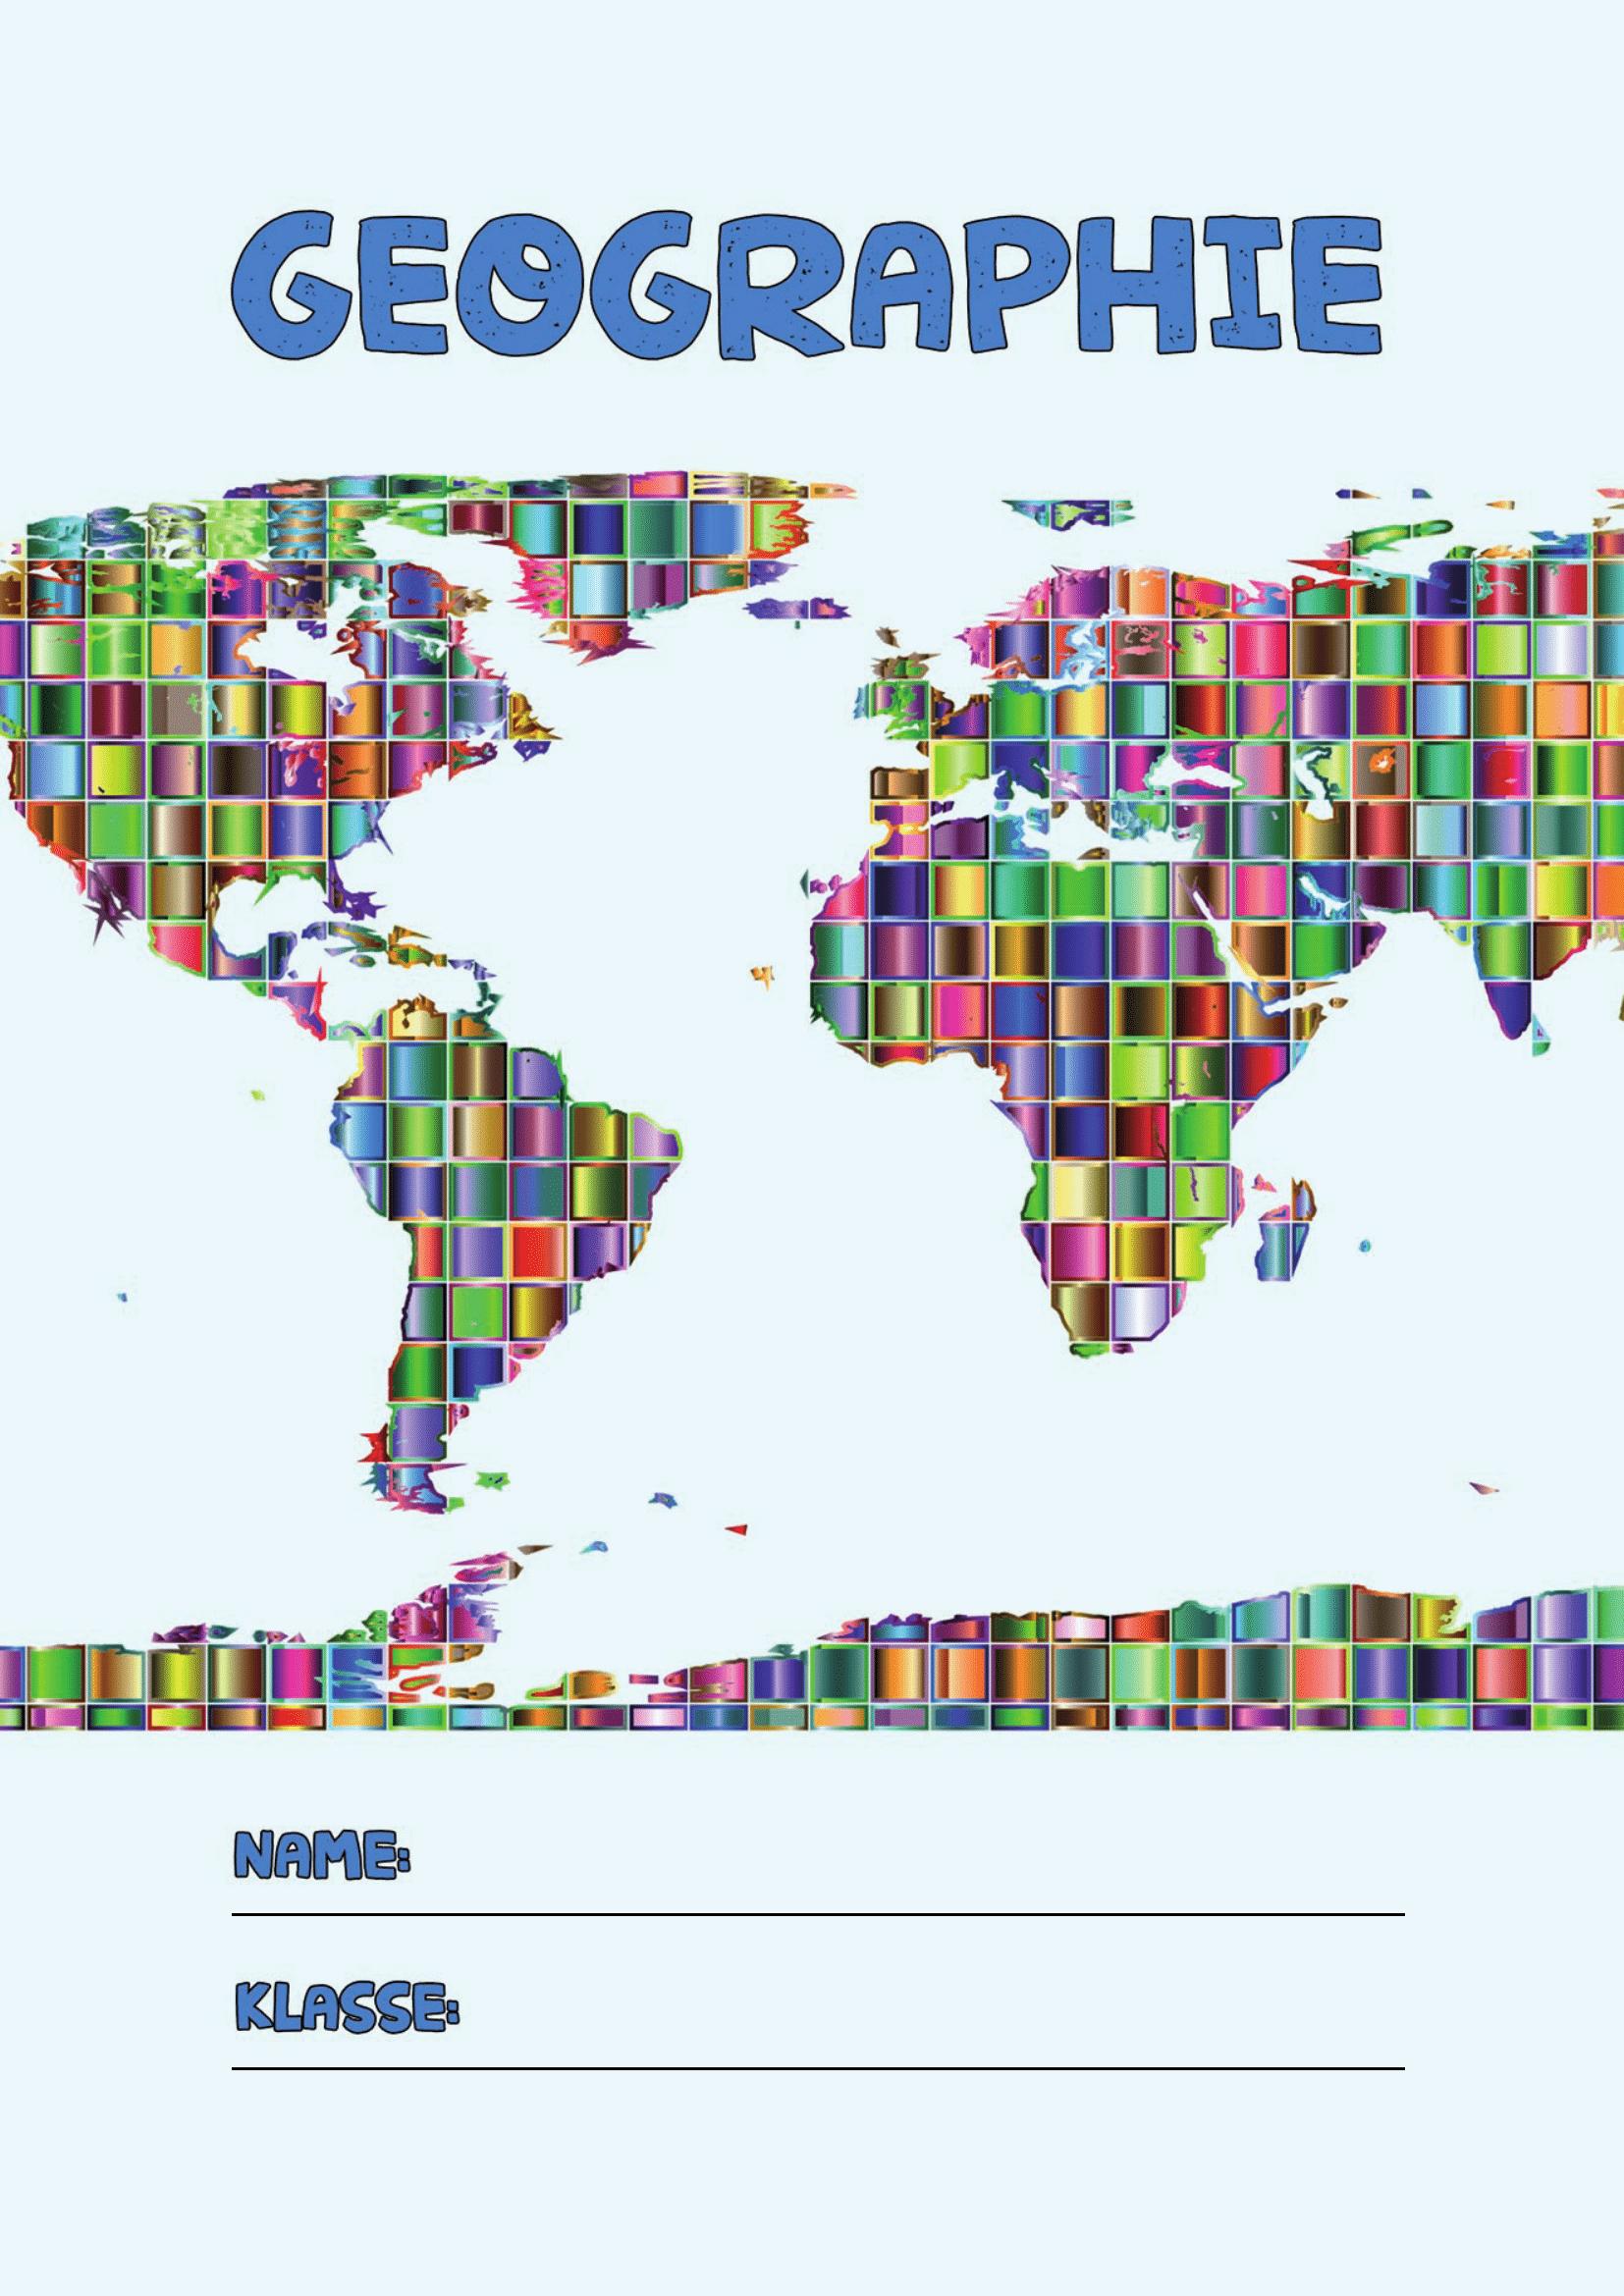 Geographie Deckblatt In 2020 (Mit Bildern)   Deckblatt bei Deckblätter Schule Kostenlos Ausdrucken